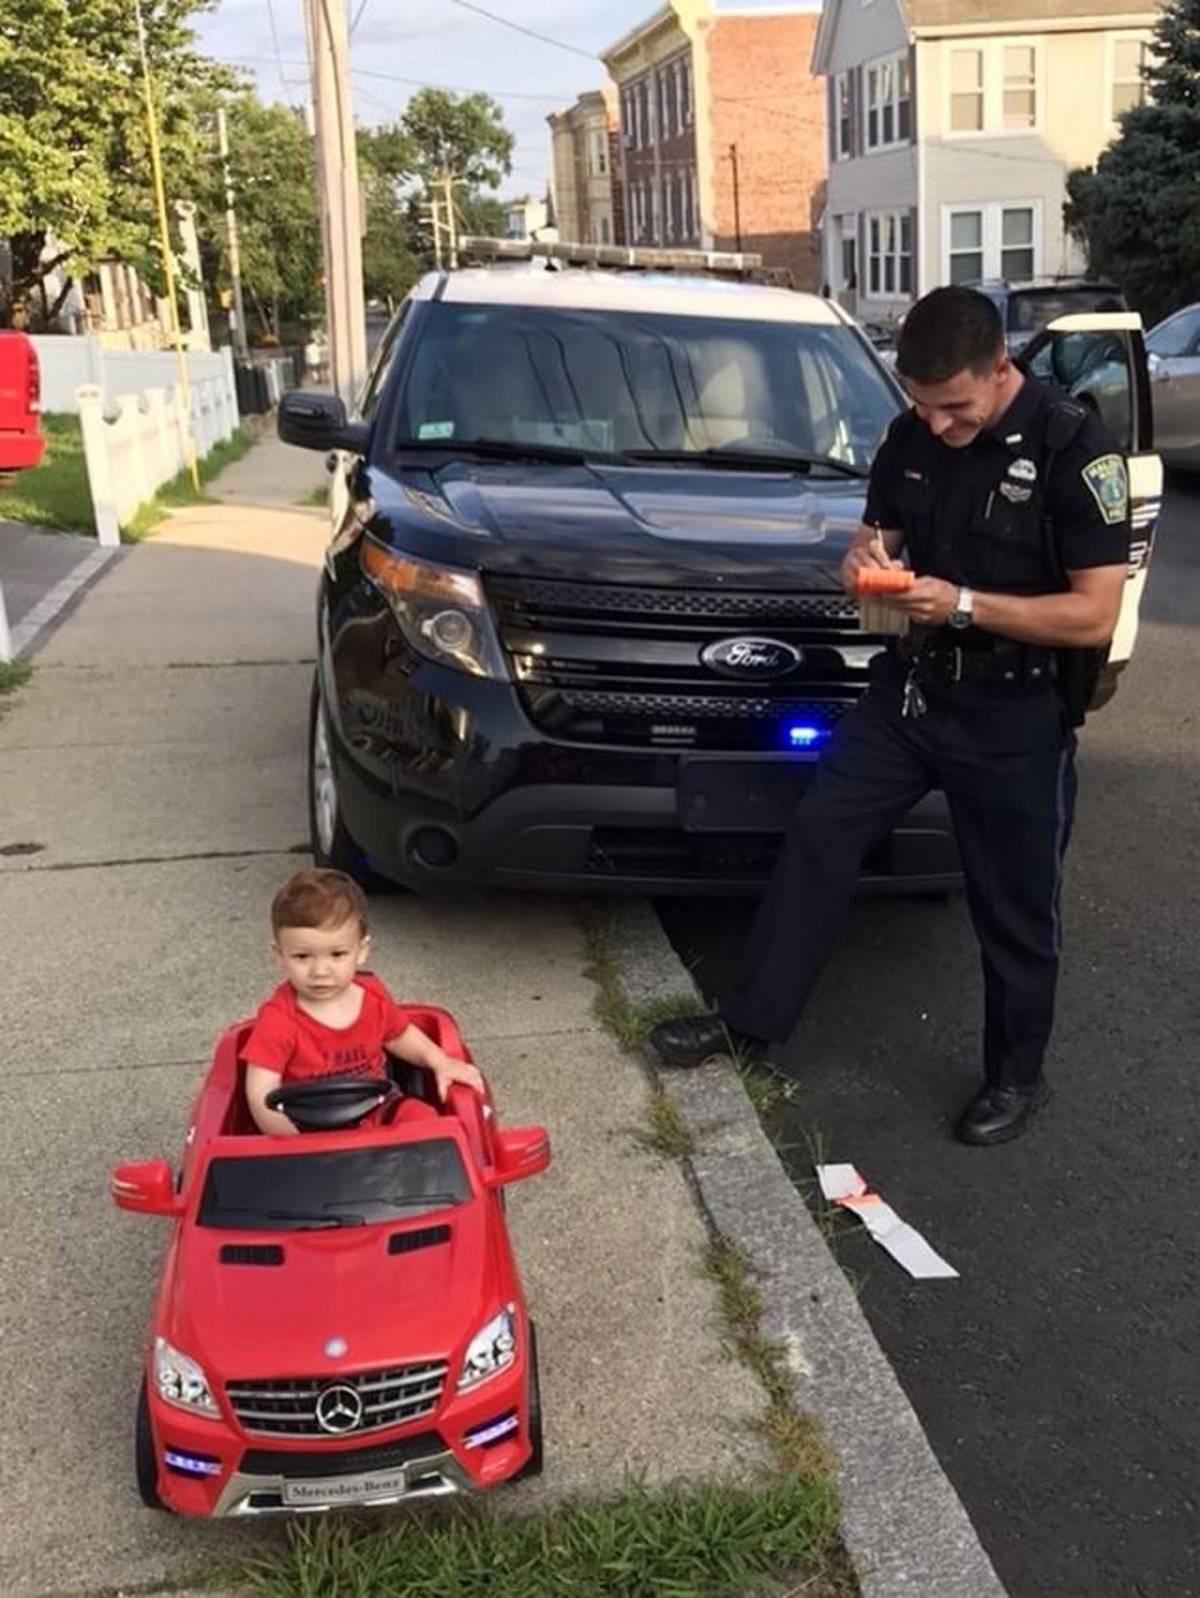 En esta fotografía del 31 de julio de 2018 se muestra a Grayson Salerno mientras es detenido por conducir sin una licencia. En lugar de recibir una multa, la policía lo dejó ir con una advertencia gracias a su lindura.